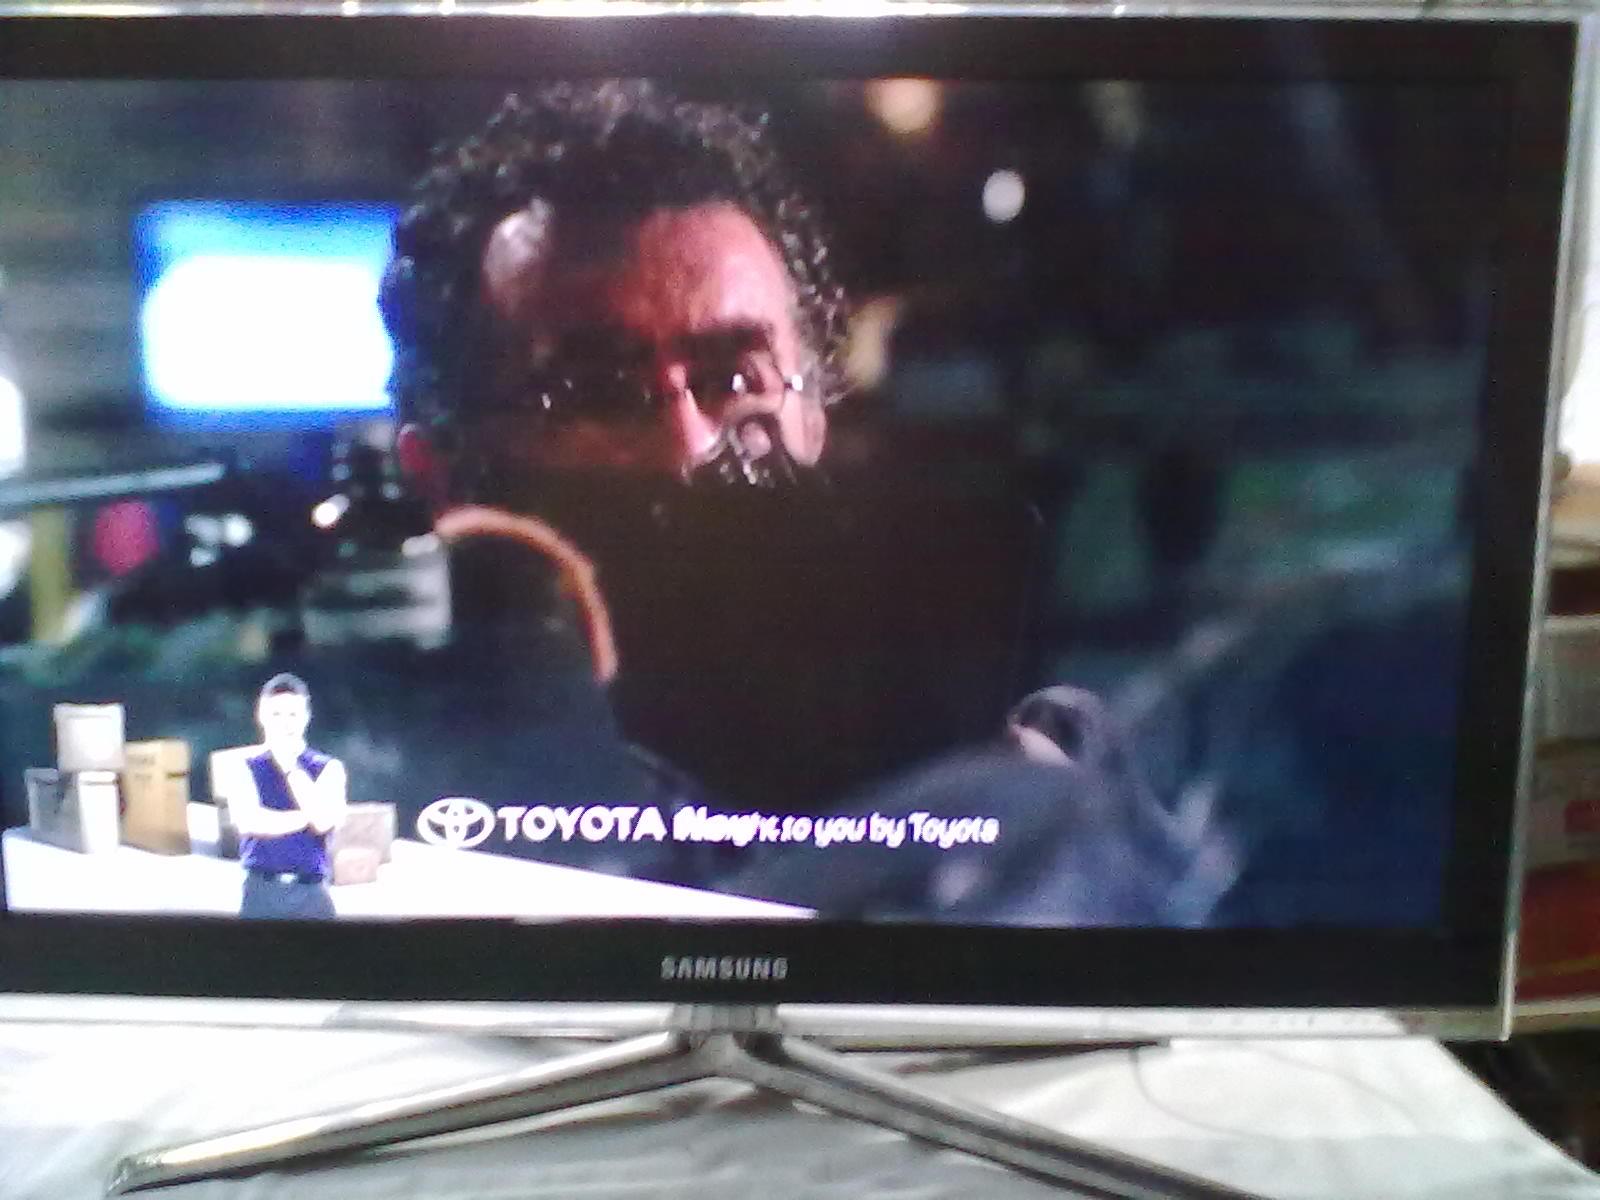 tunggu beberapa saat apabila tv tidak mau menyala sendiri nyalakan tv menggunakan tombol stb di panel remote